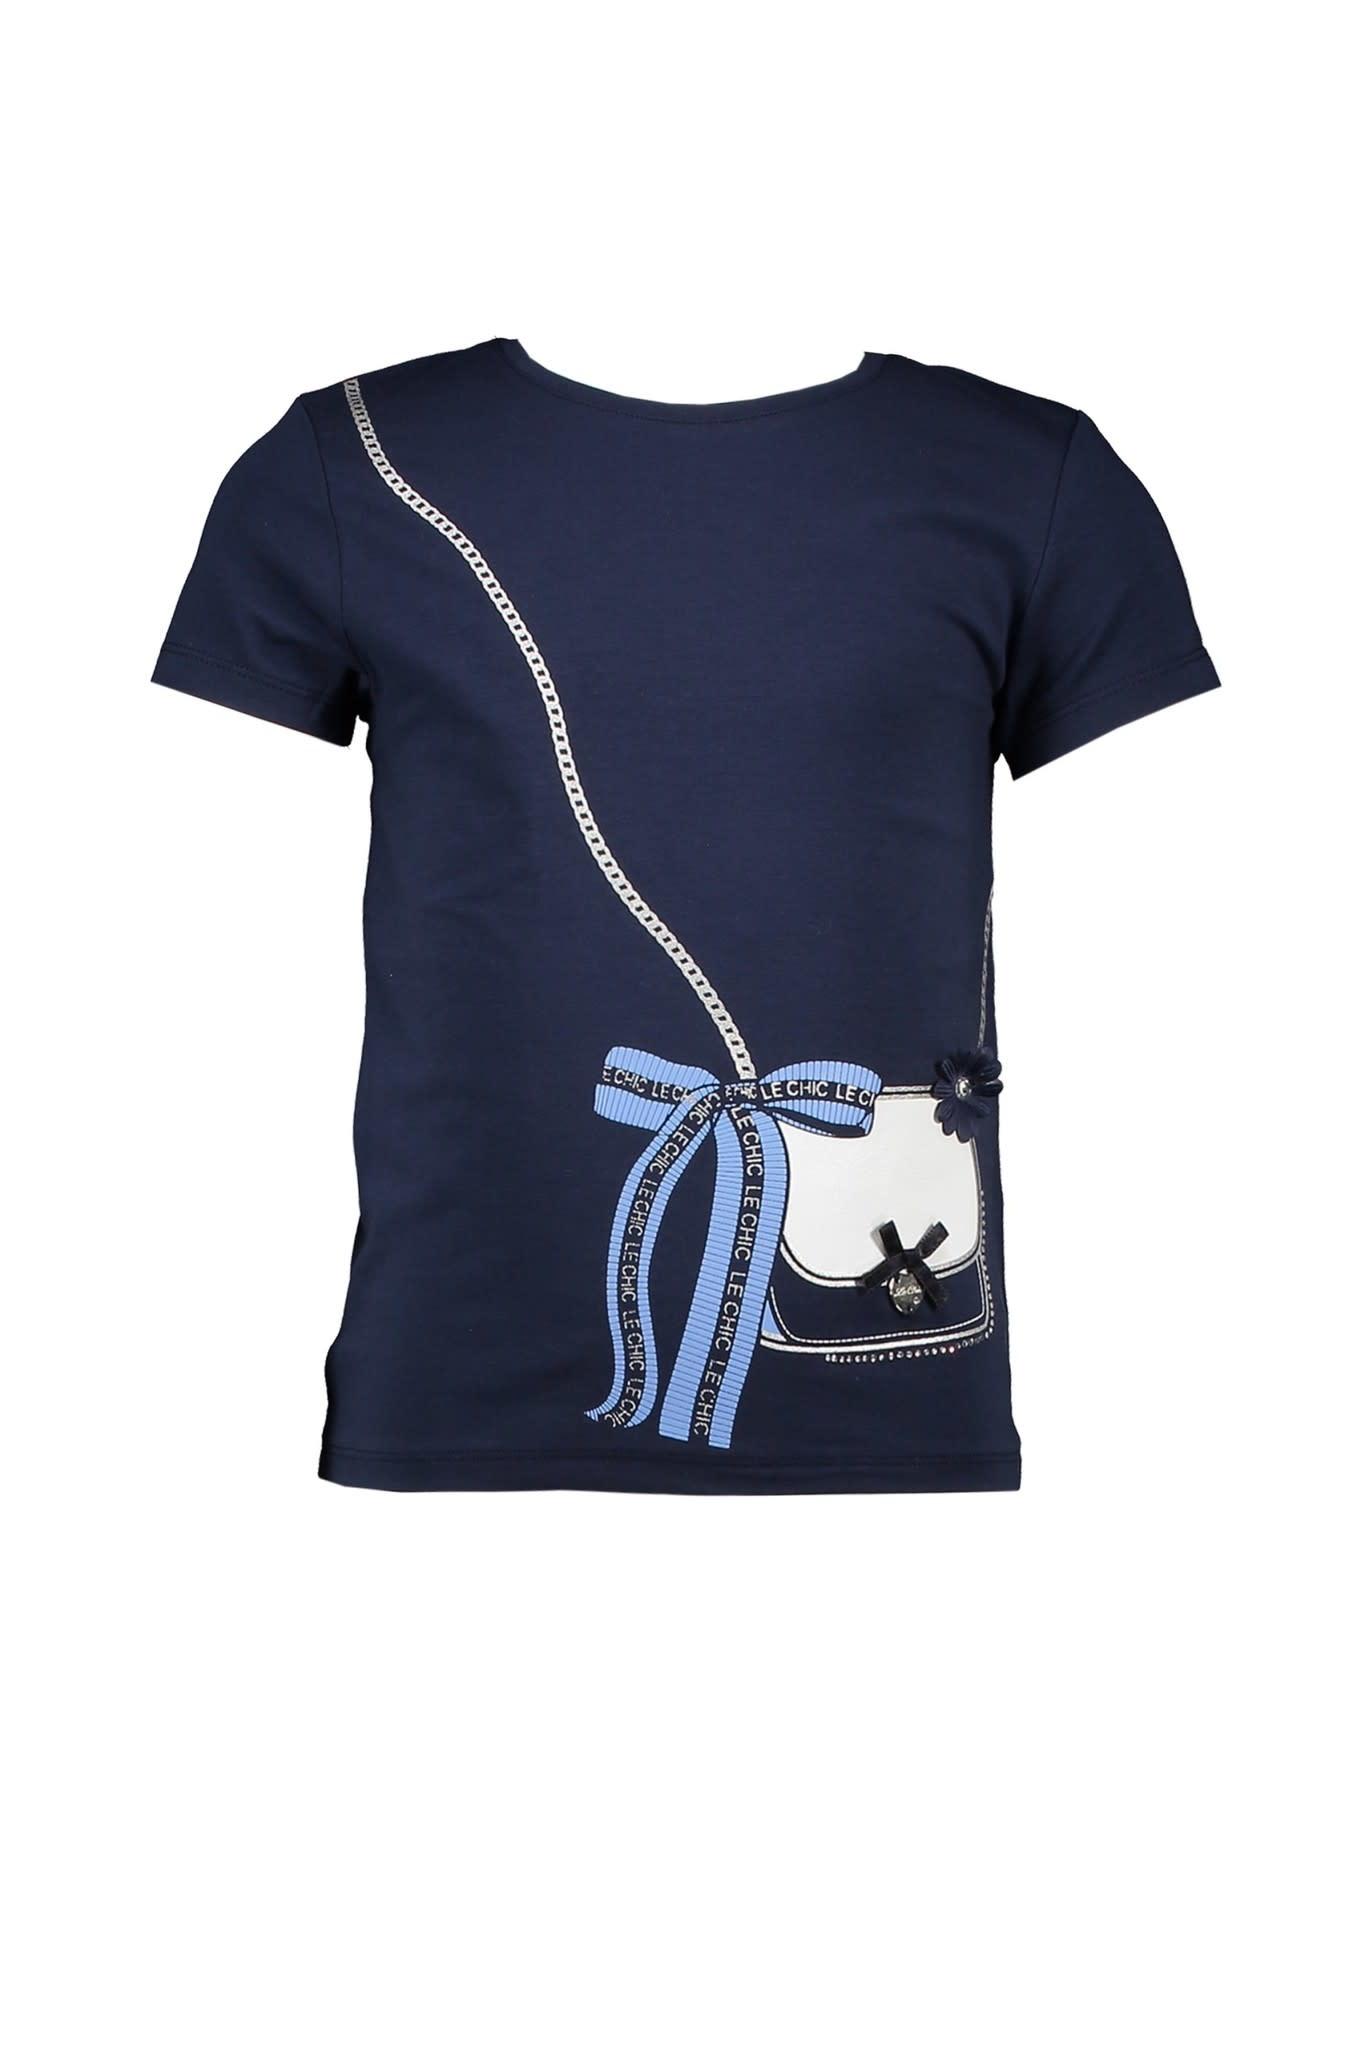 Le Chic Little Bag & Bow T-Shirt S21